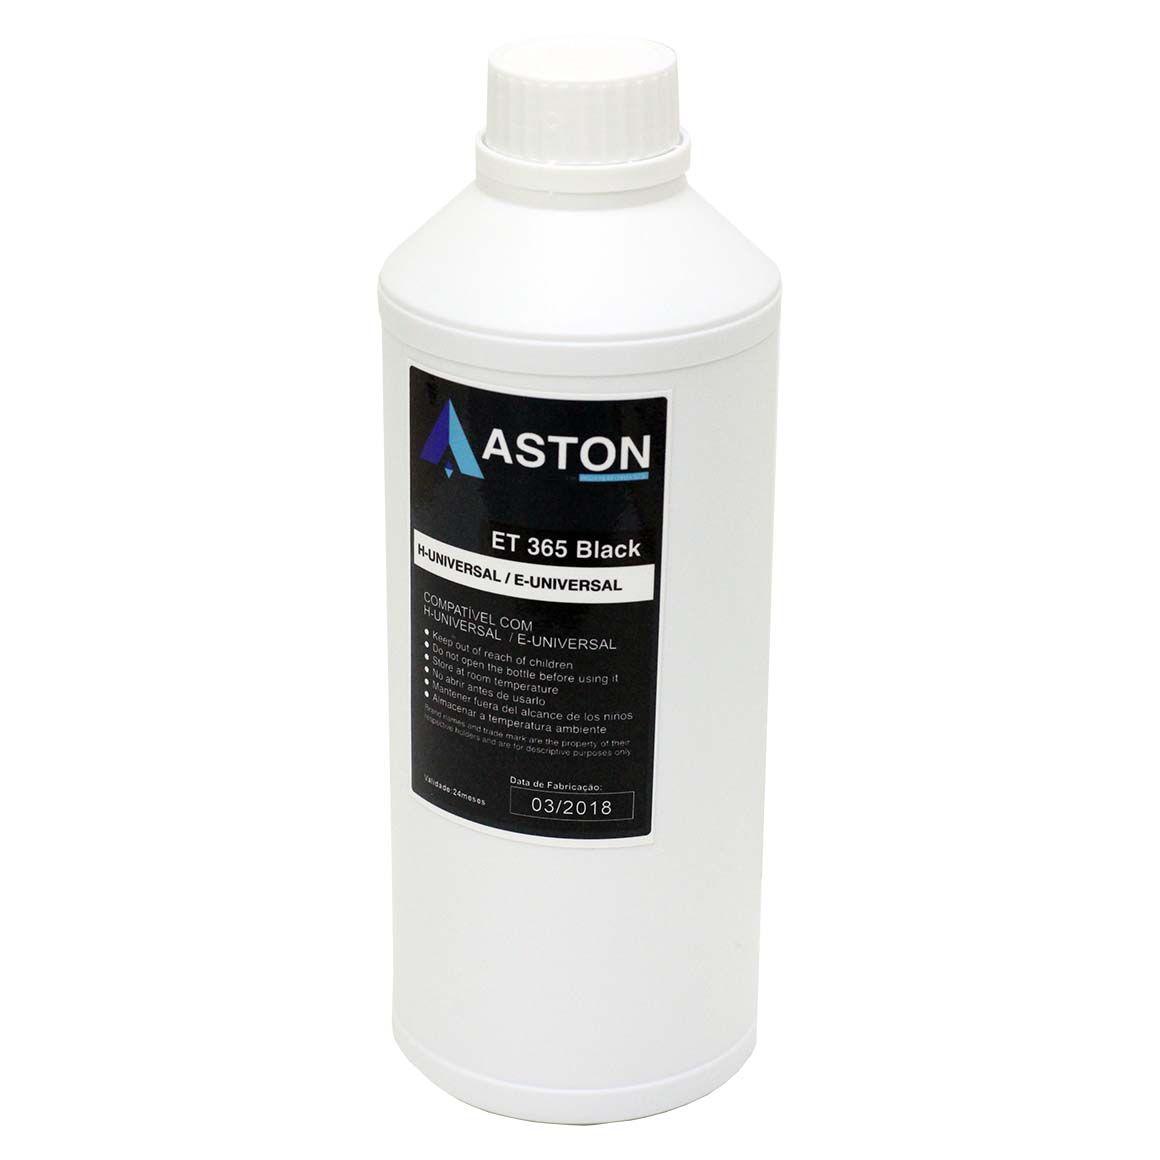 TINTA EPSON/HP UNIVERSAL ASTON PRETO L355/L365/L375/L555/L200/L455/L800 (KG)